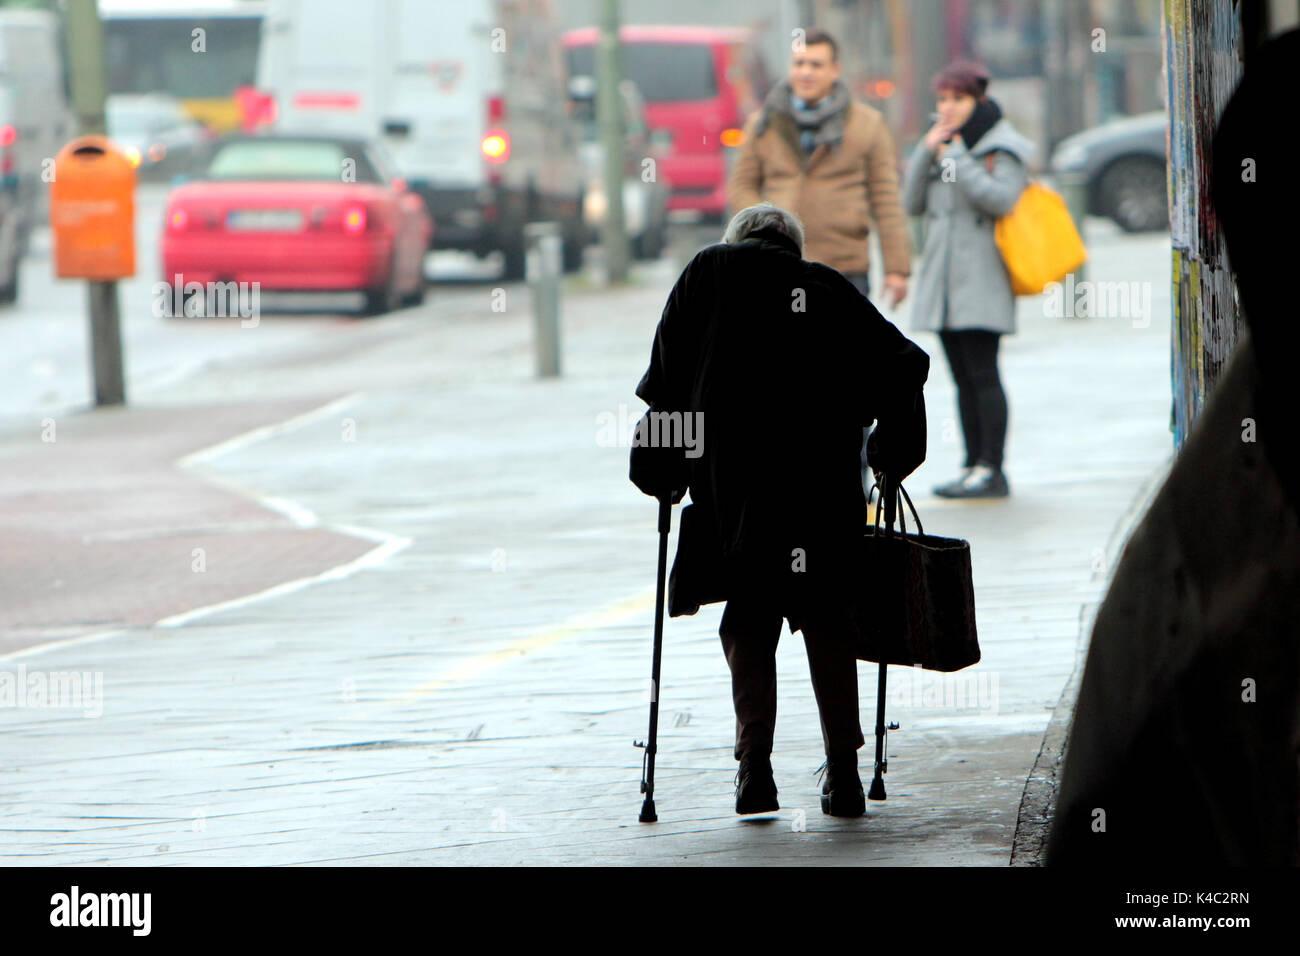 Silhouette Of An Elderly Woman In Berlin Stock Photo